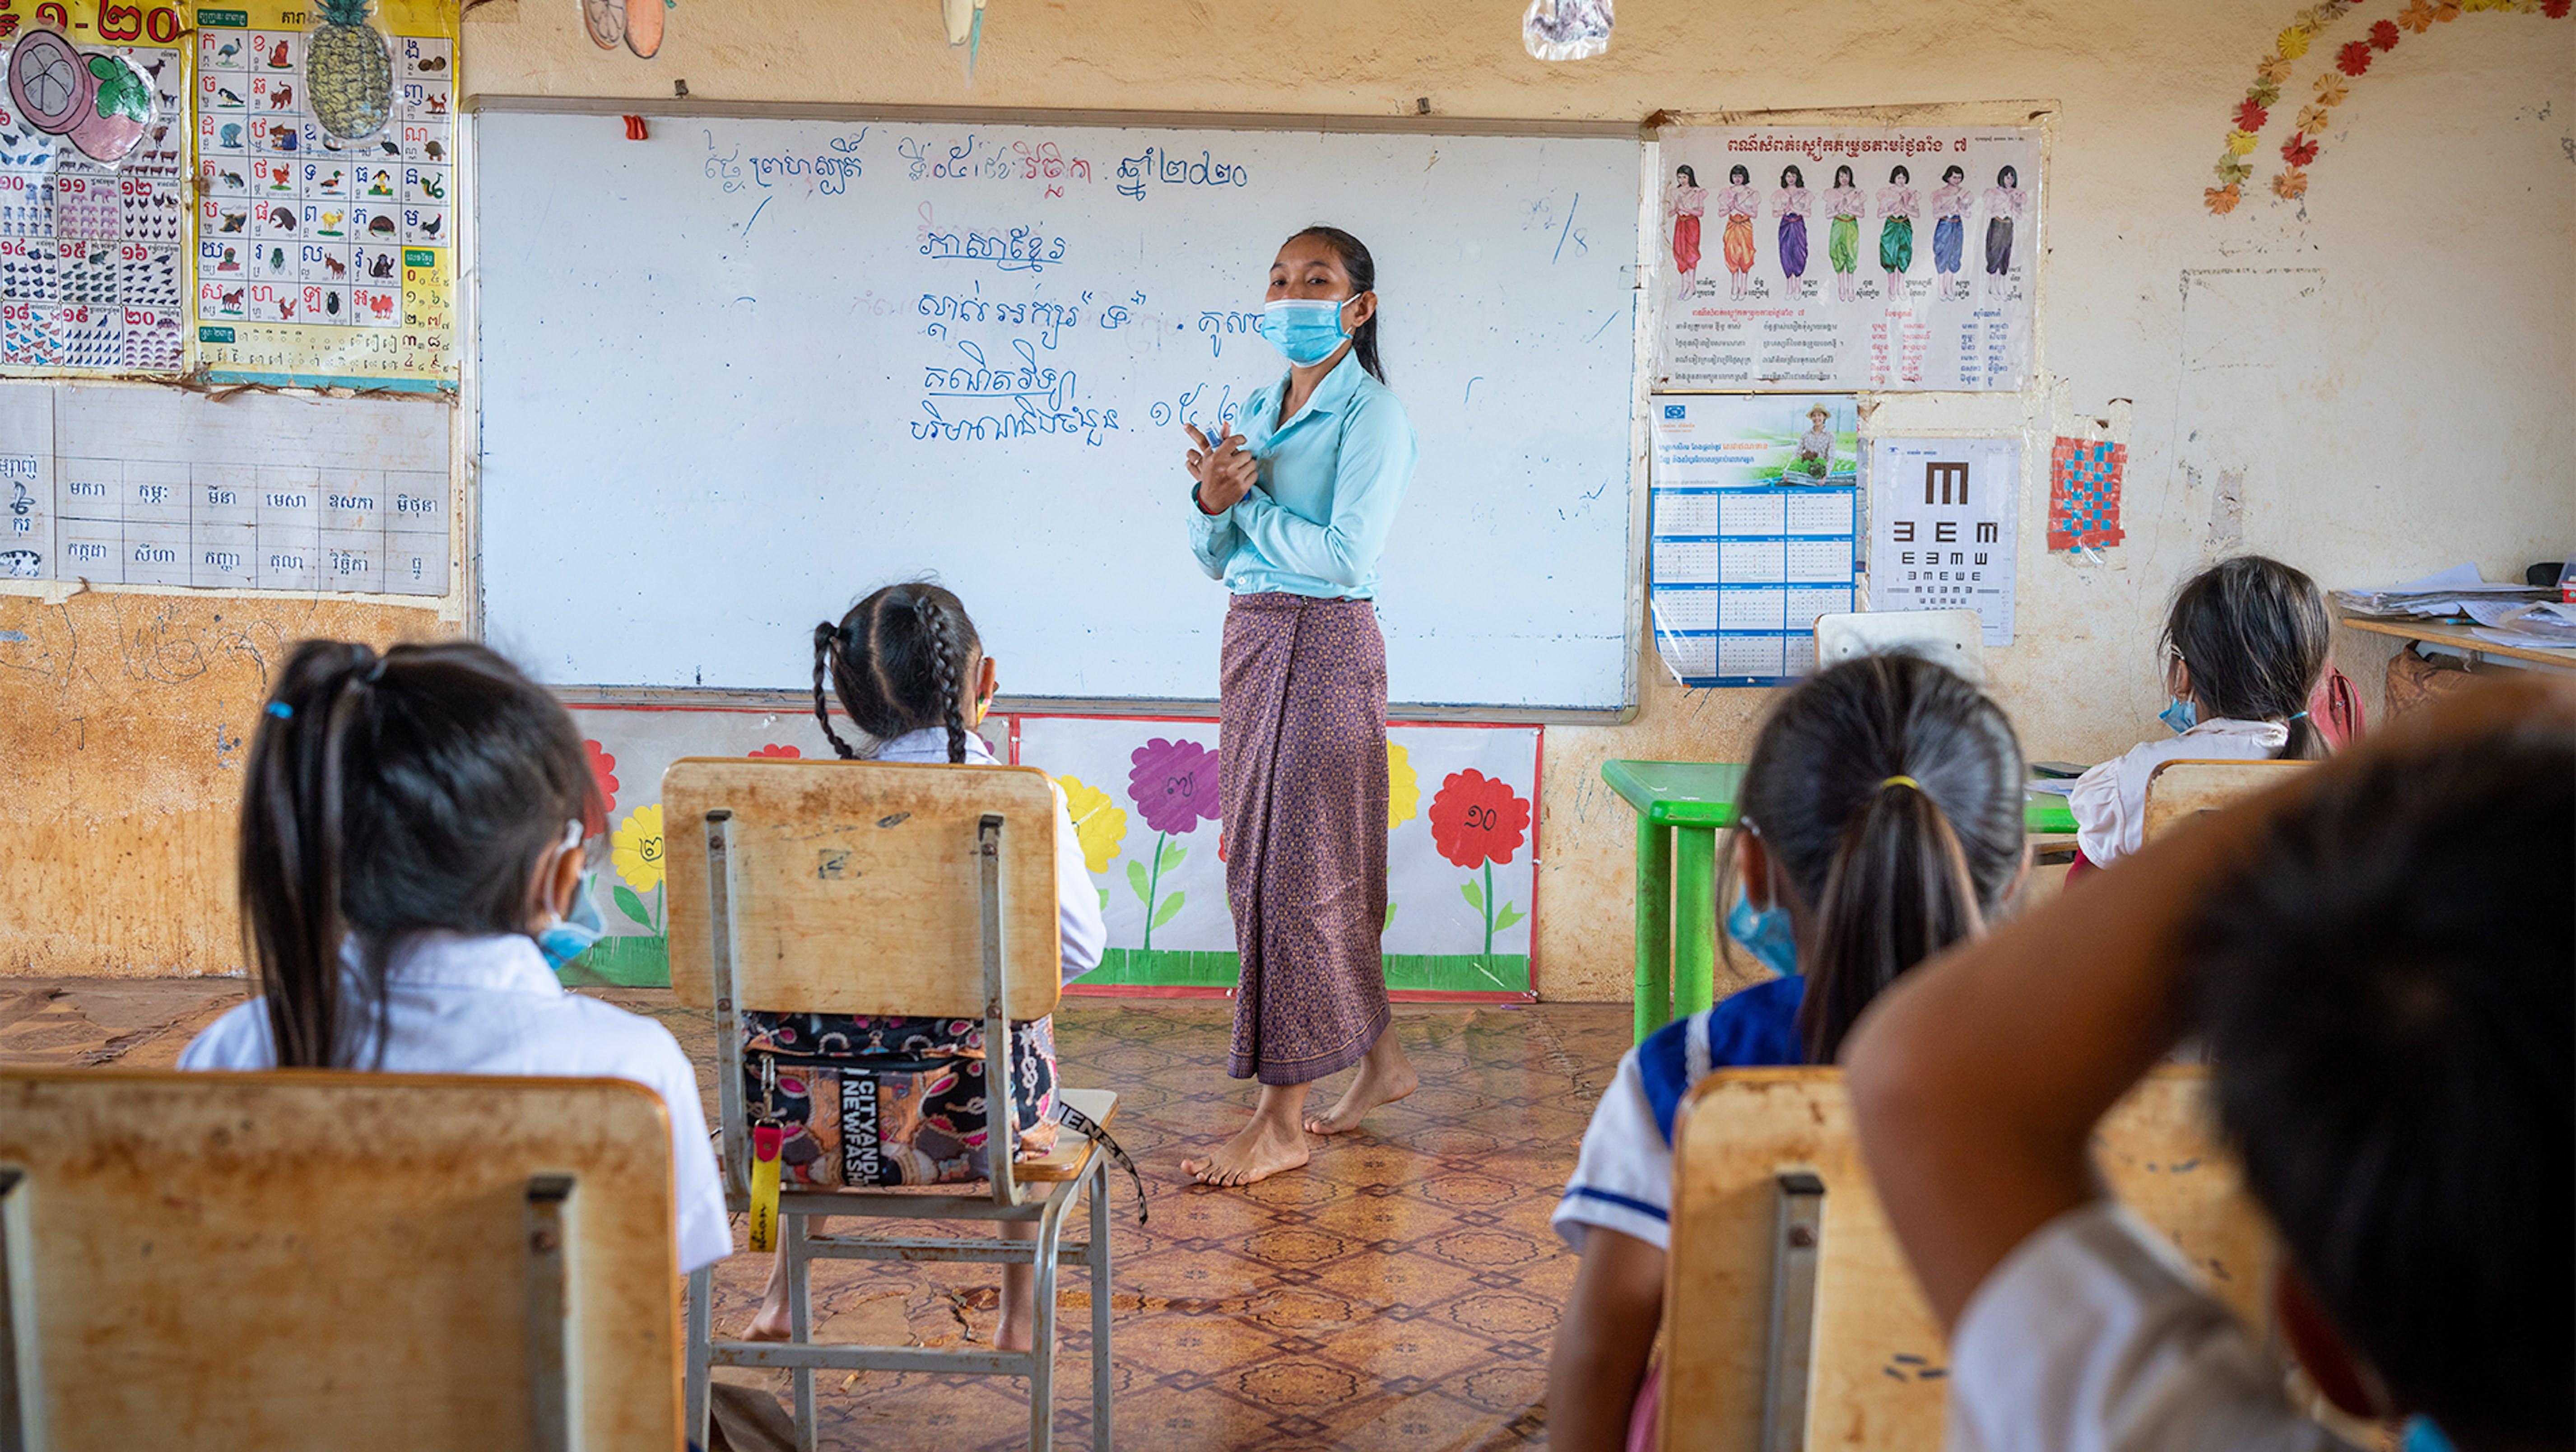 Cambogia, un insegnante in classe durante la lezione